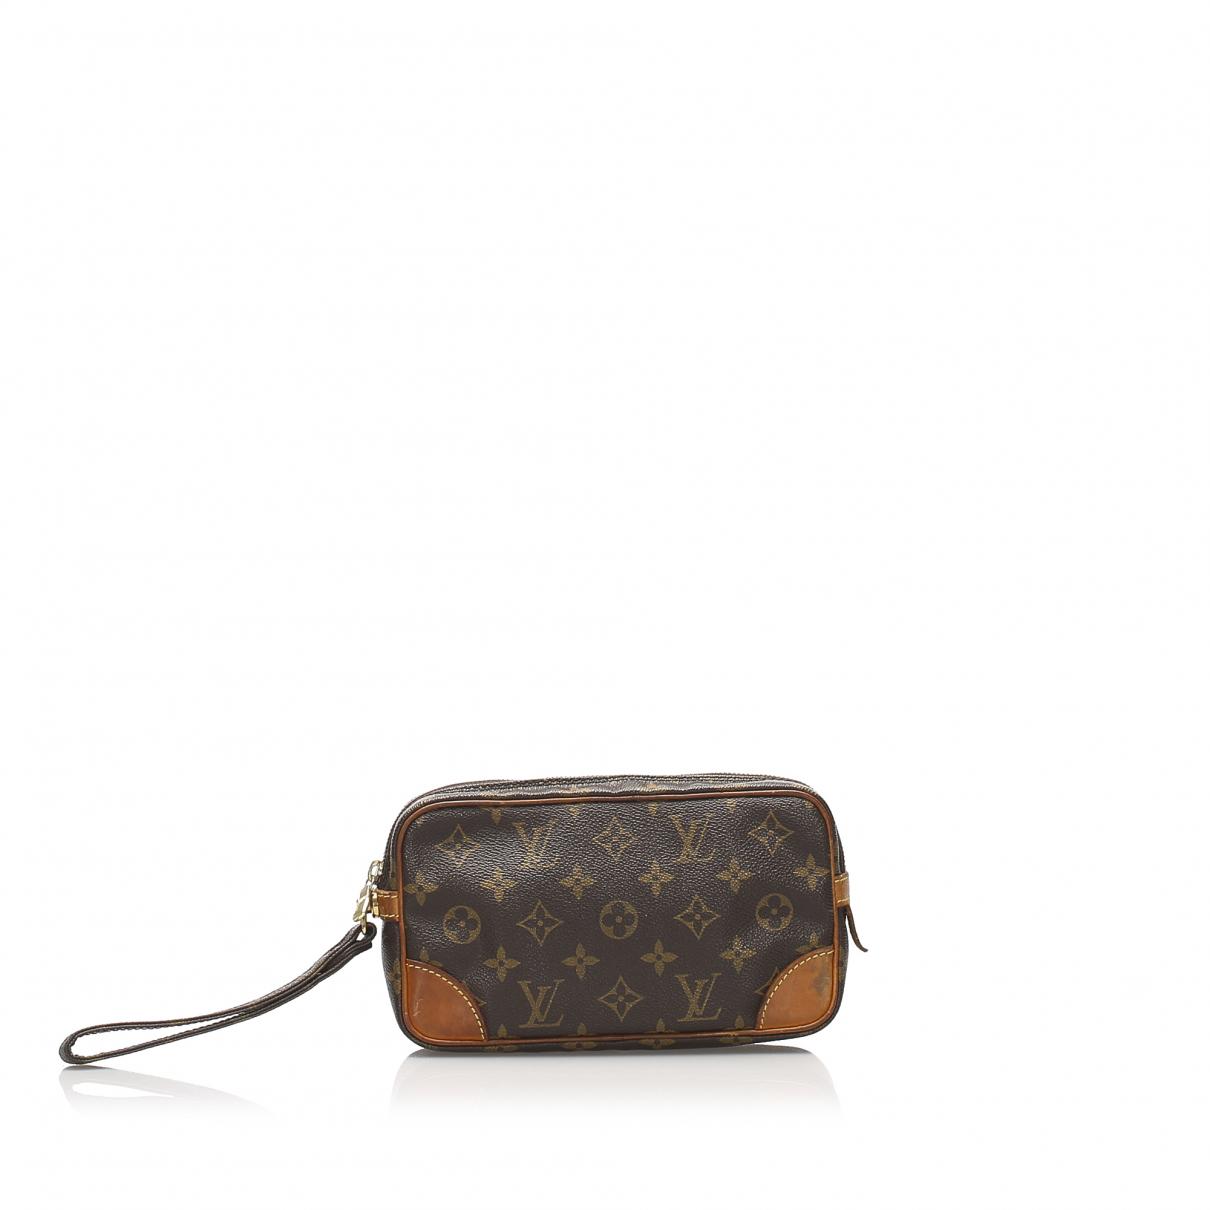 Louis Vuitton N Brown Cloth Clutch bag for Women N